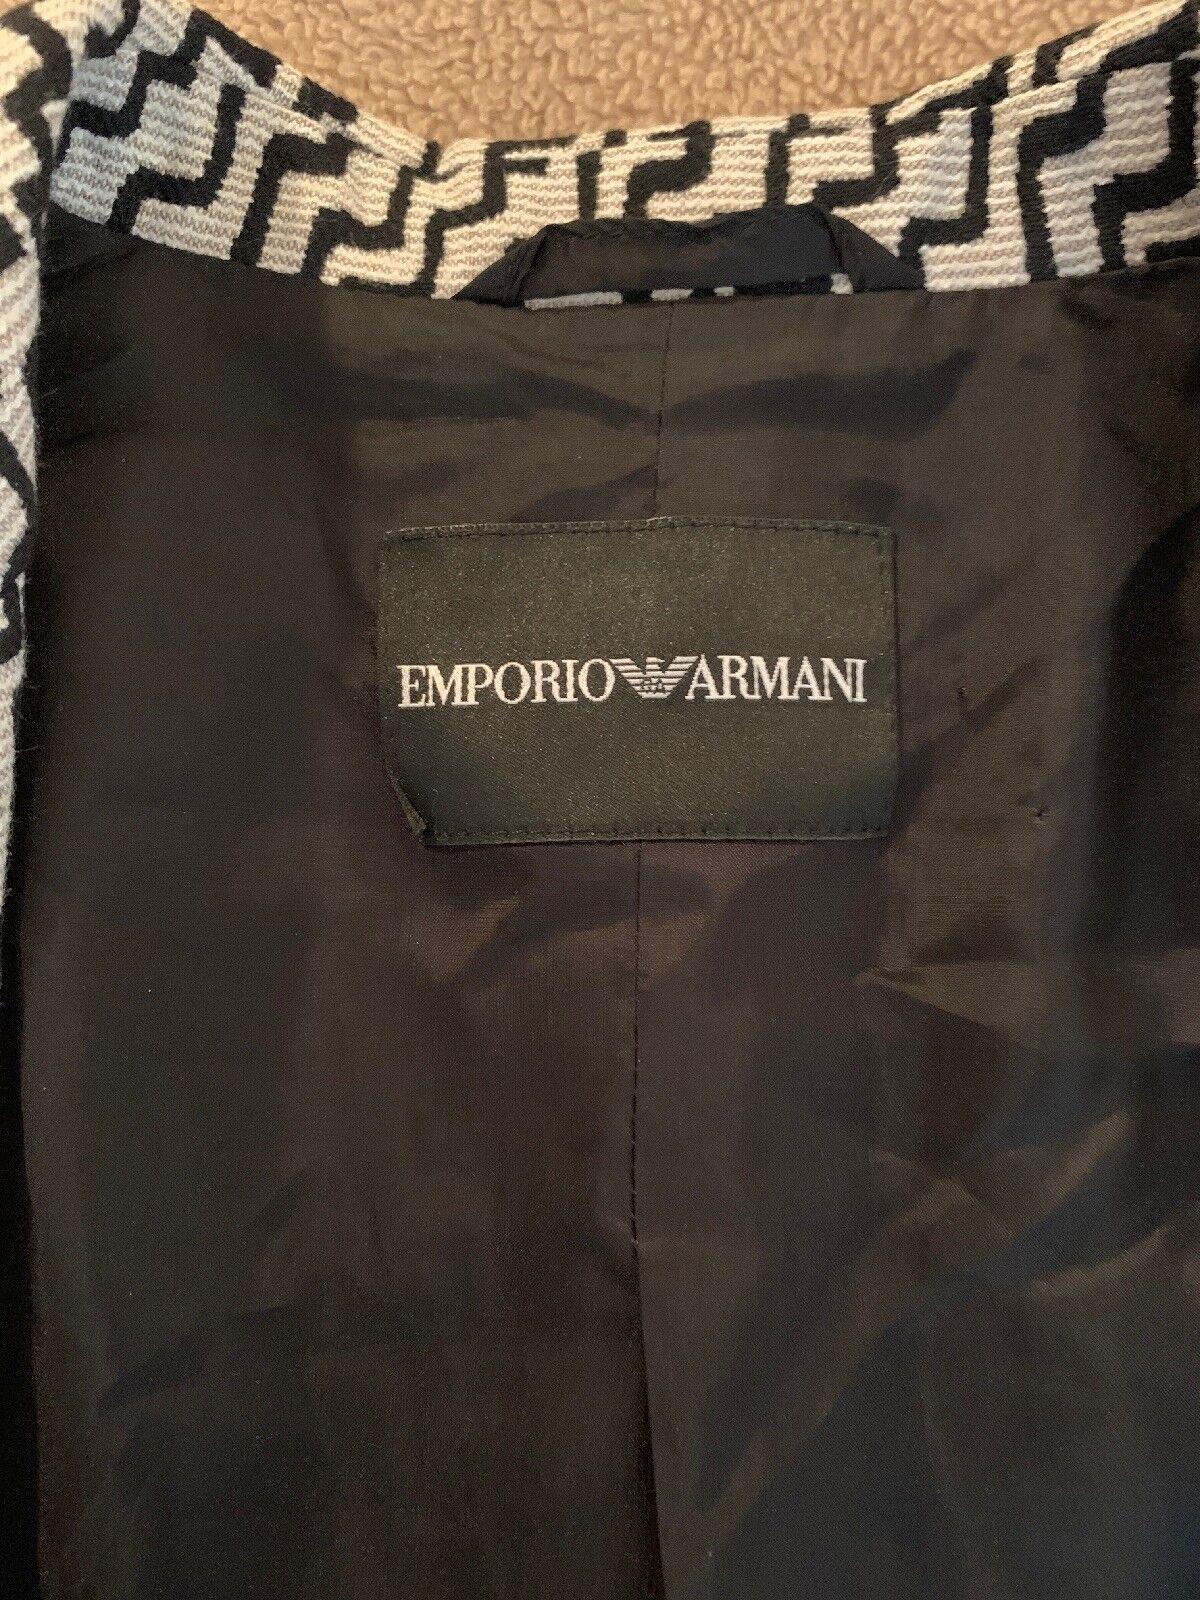 Chaqueta Emporio Armani Armani Armani 3f57ea